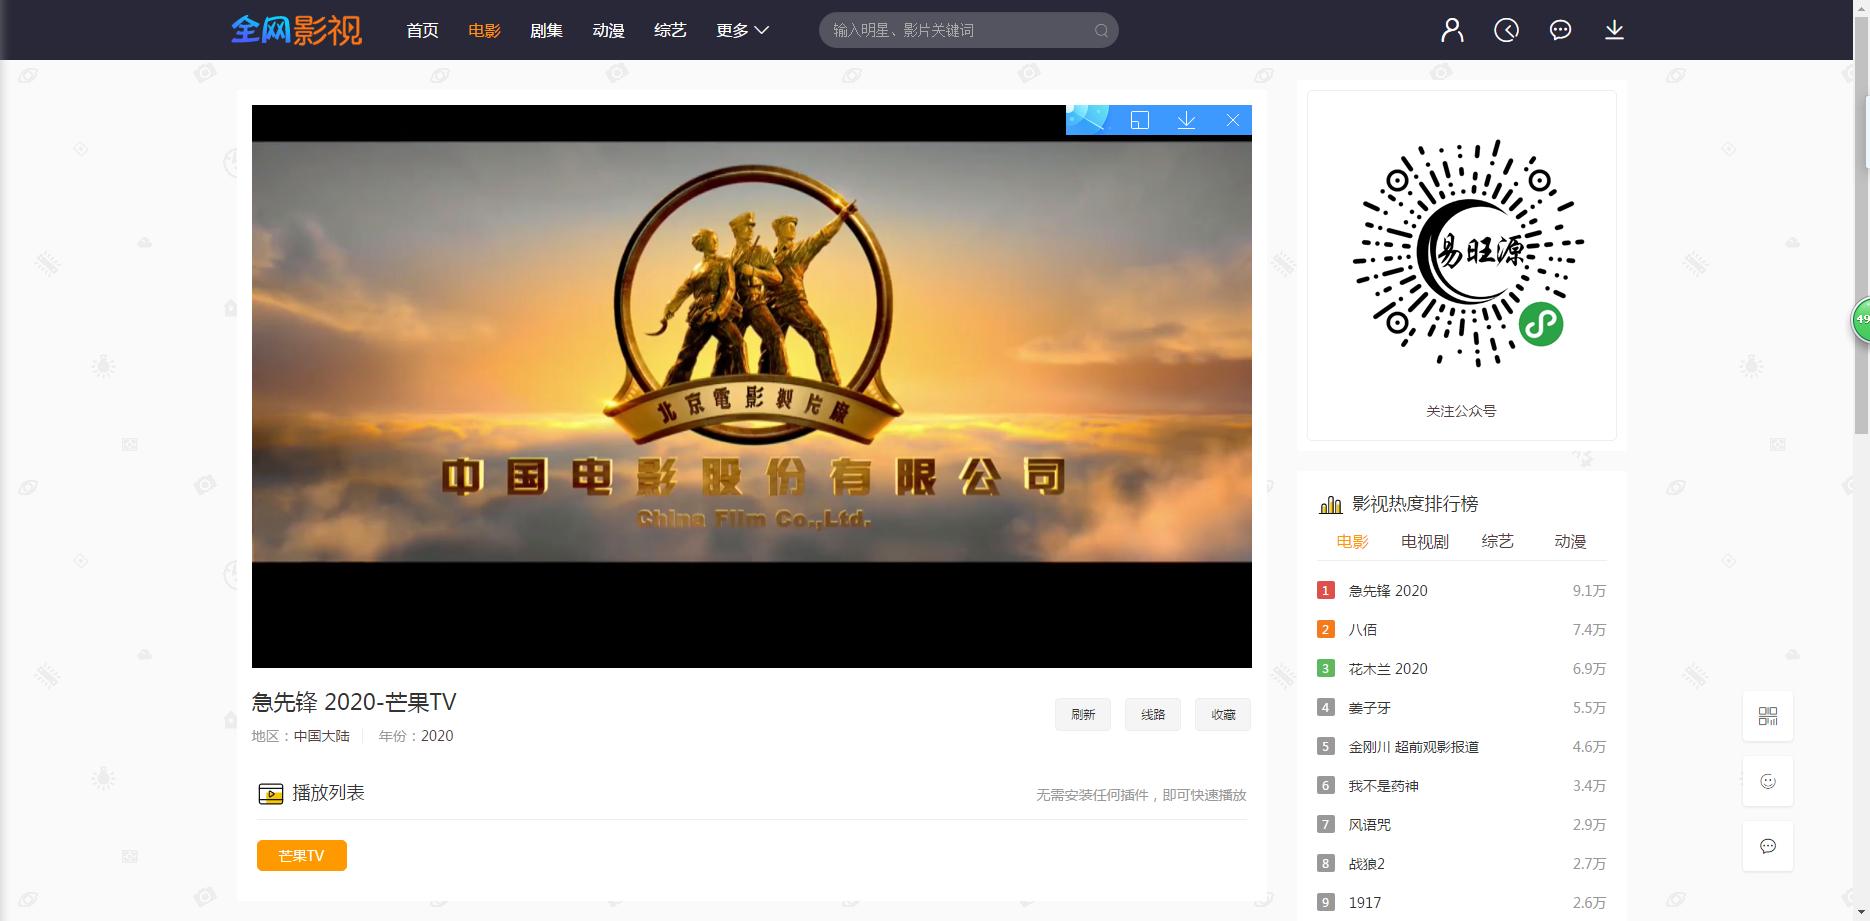 最新修复版电影网站源码_2020版米酷影视v7.2.1源码 修复幻灯片 分类网址错误